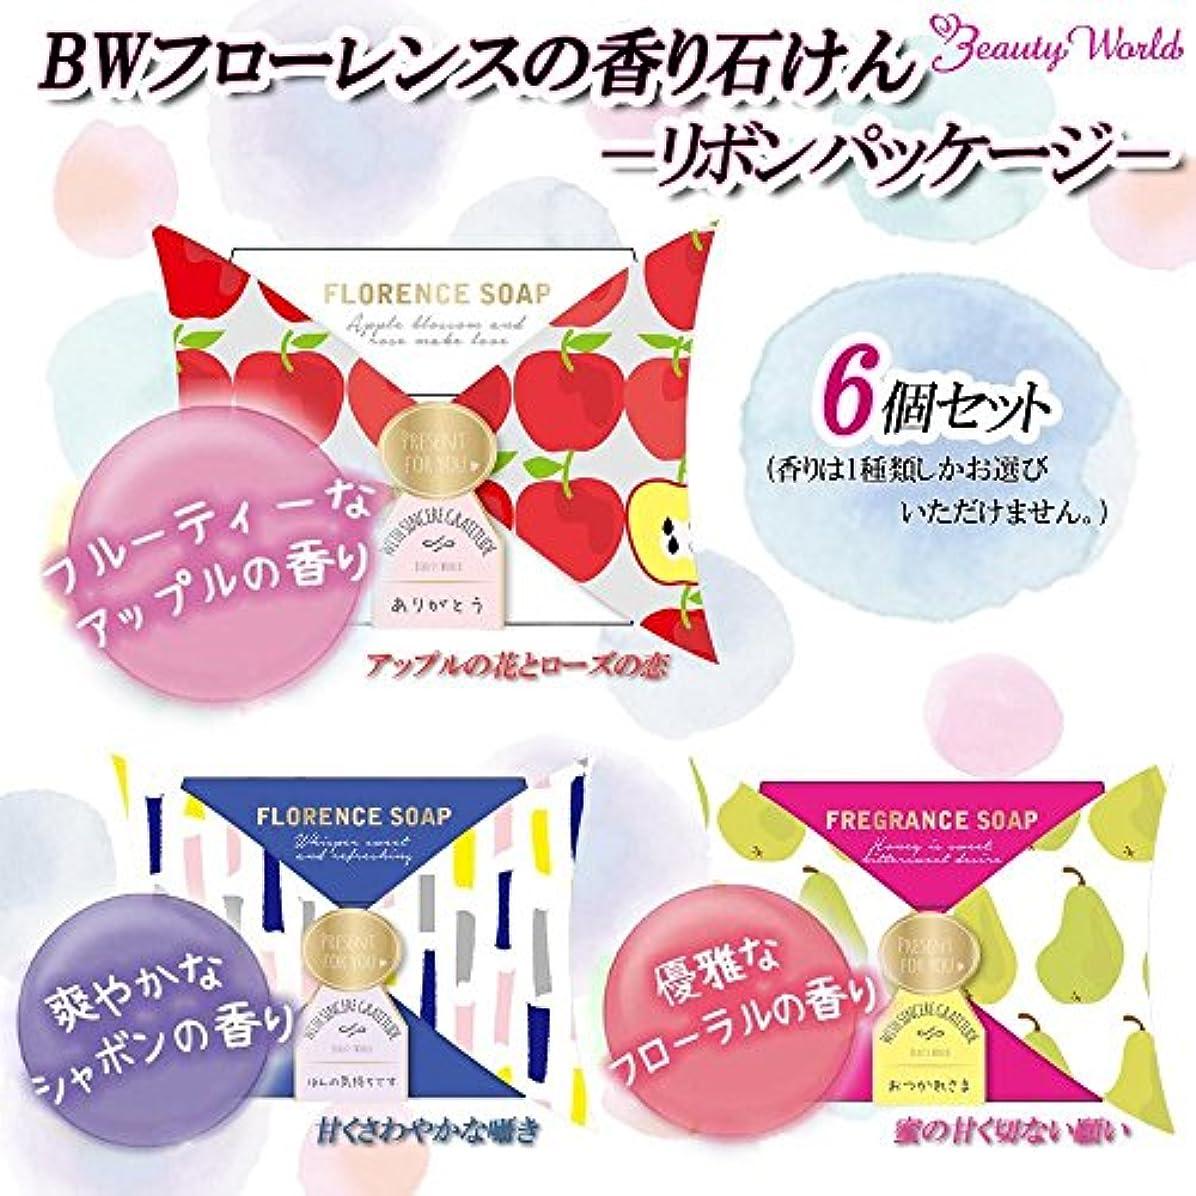 ロープバラ色挽くビューティーワールド BWフローレンスの香り石けん リボンパッケージ 6個セット ■3種類の内「FSP386?蜜の甘く切ない願い」を1点のみです